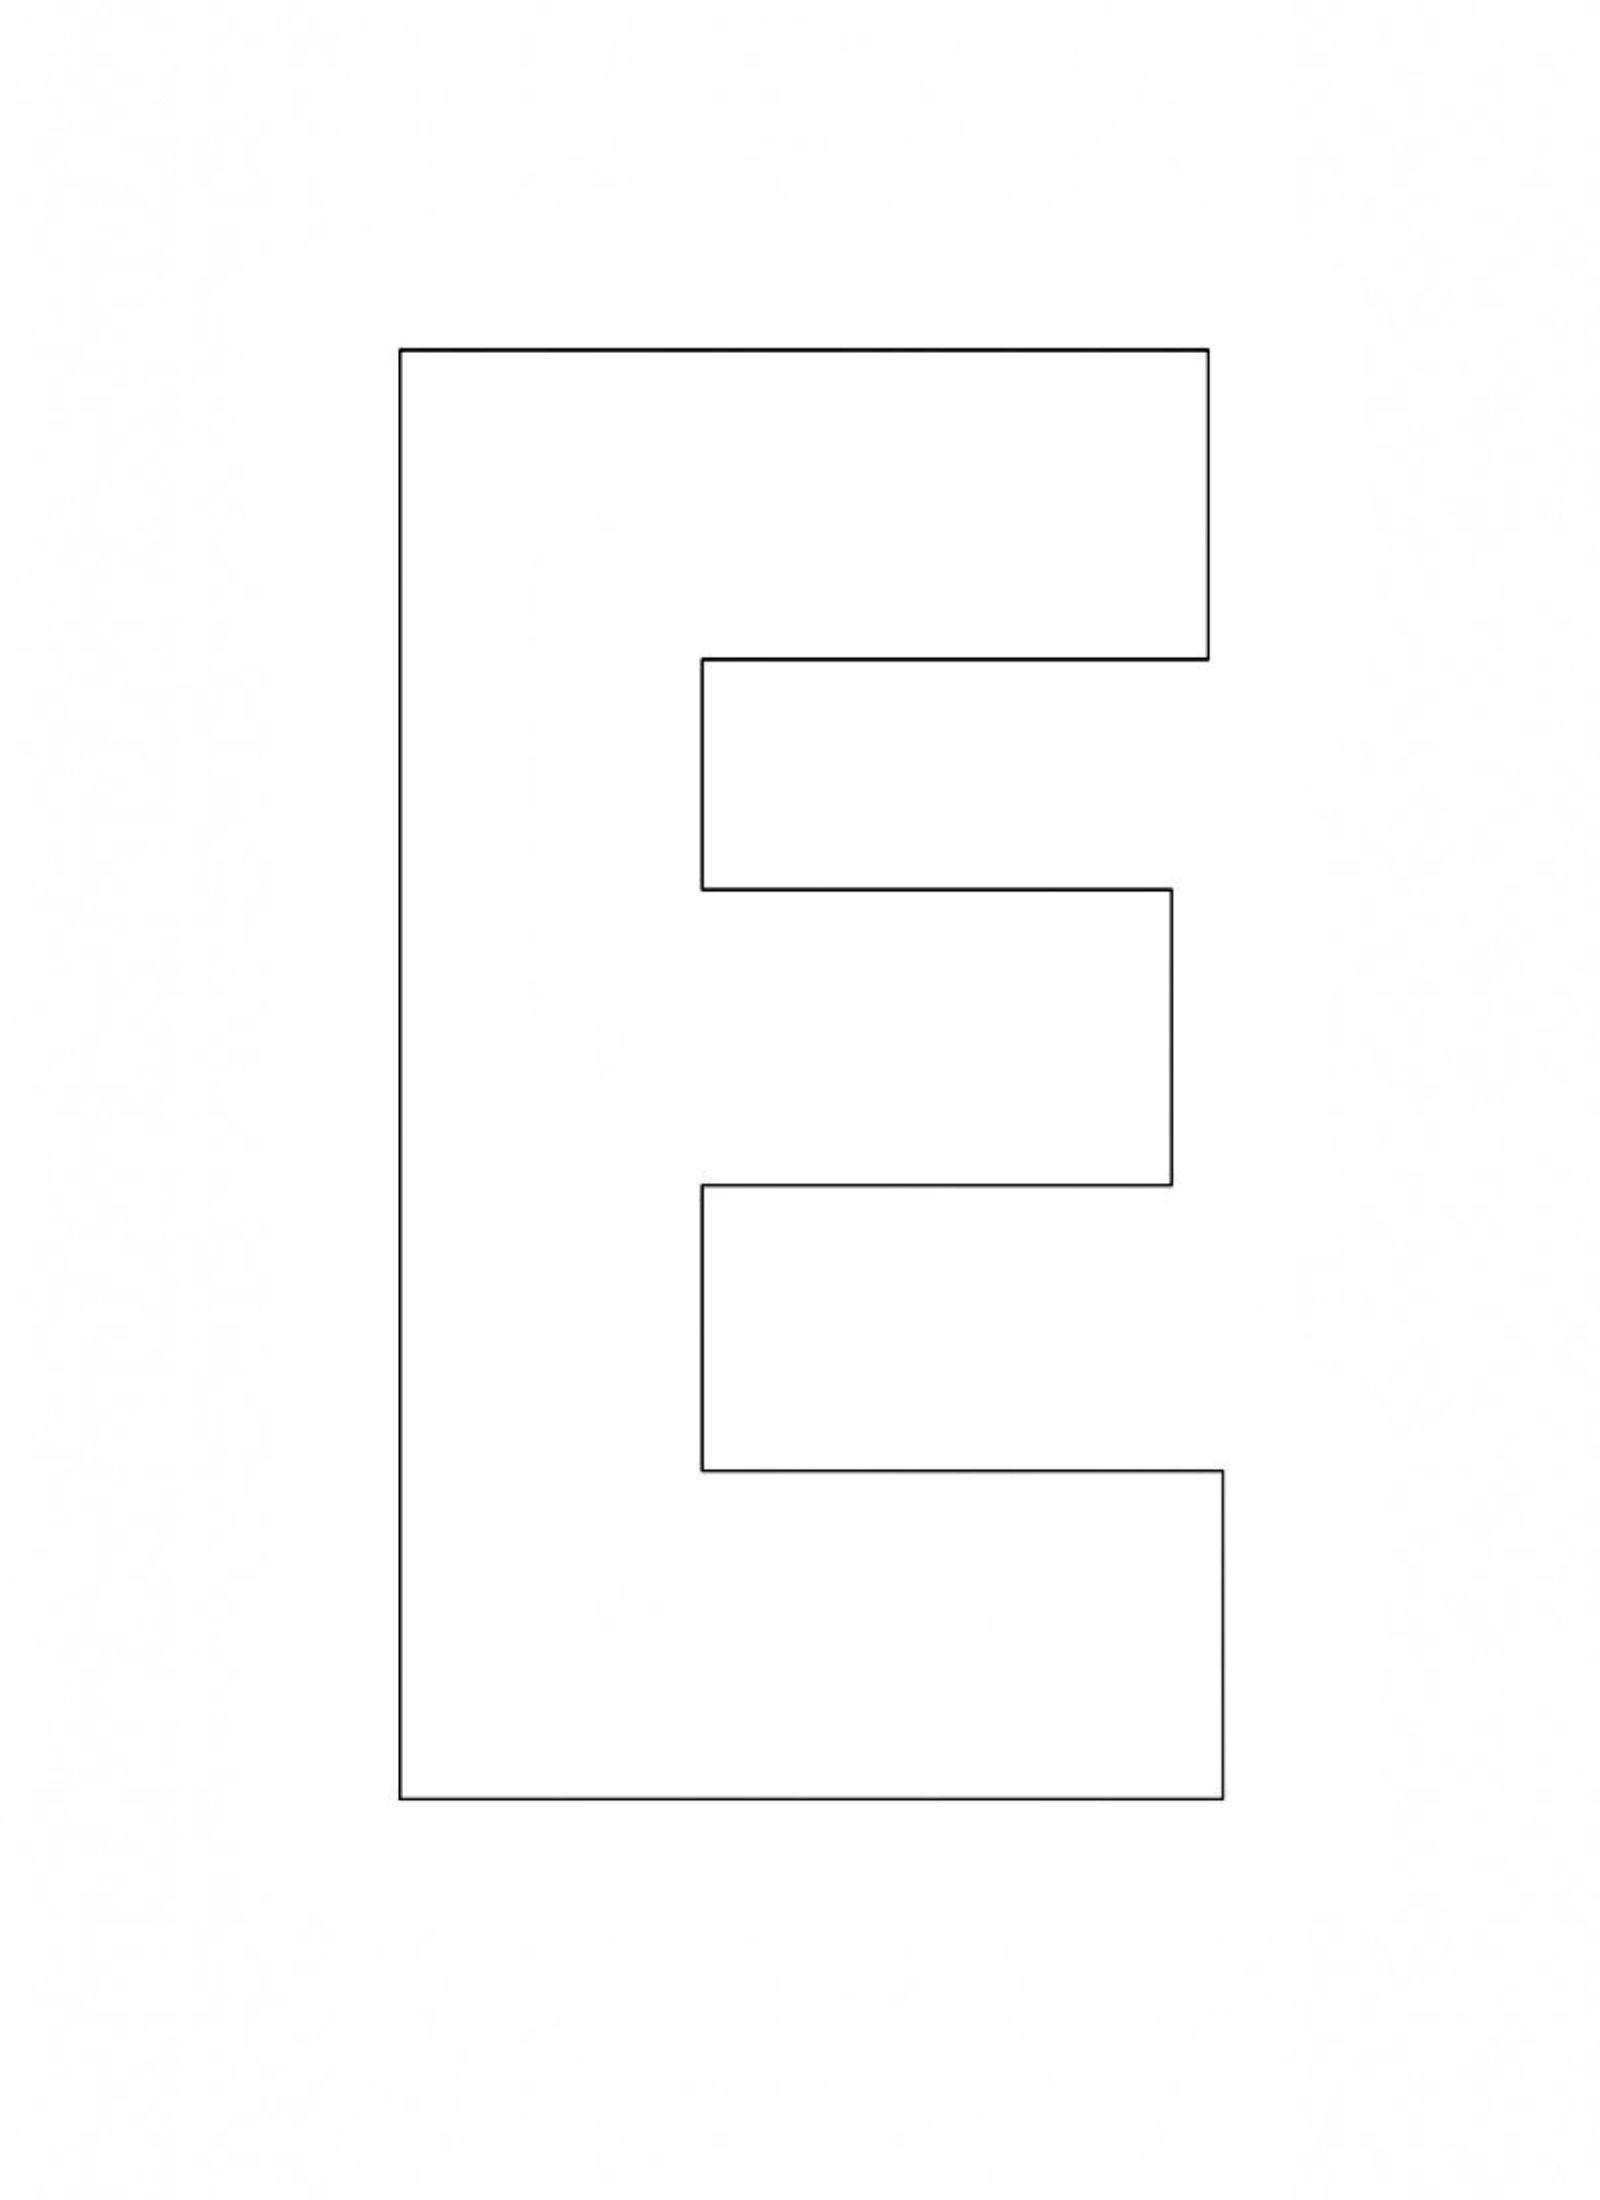 Alphabet Letter E Template For Kids